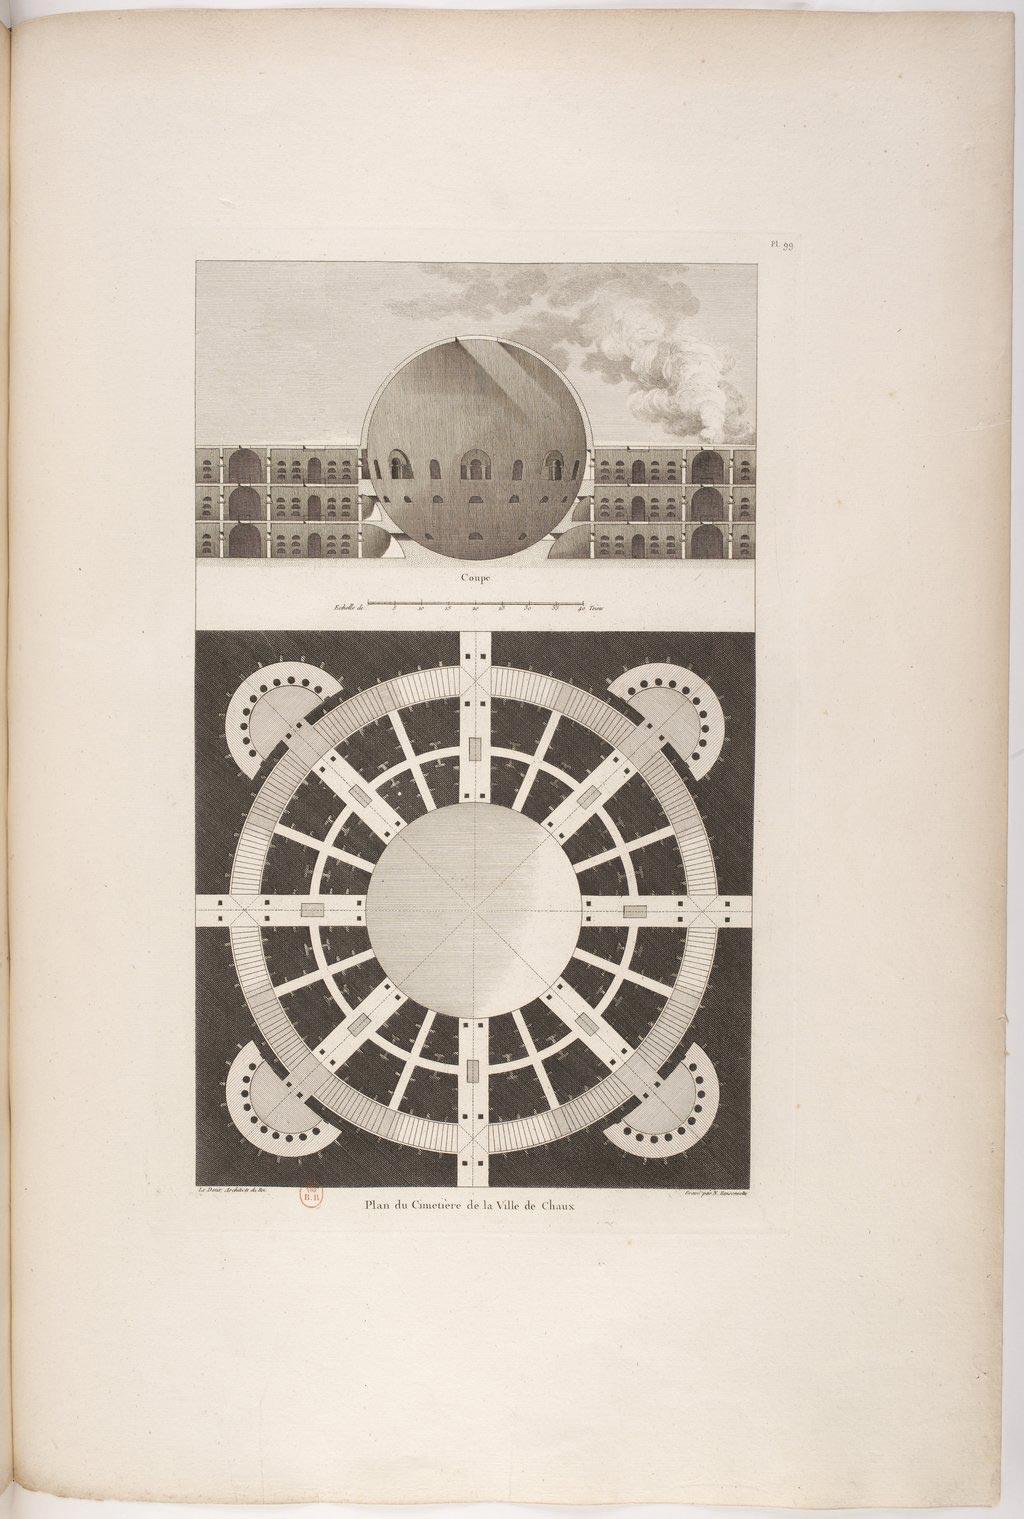 ledoux-claude-architecture-429